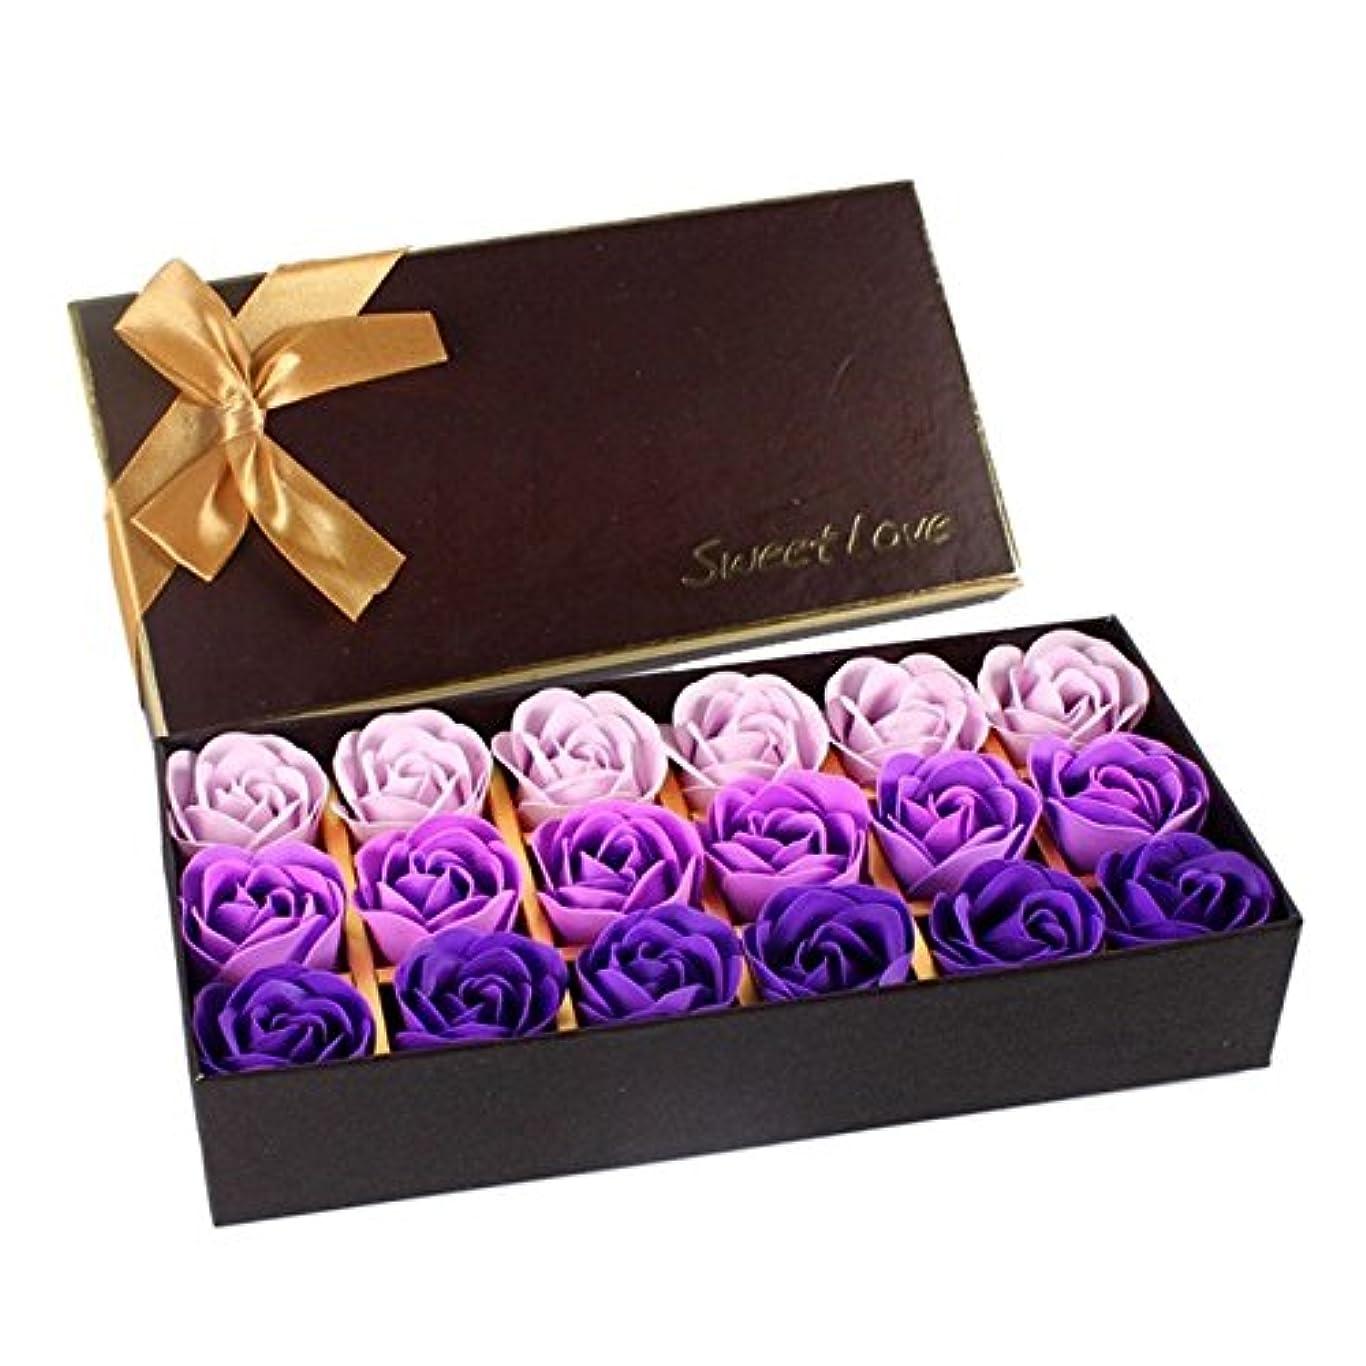 矢続ける散らすローズ フラワーソープ 石鹸 薔薇 プレゼント お祝い ② #334